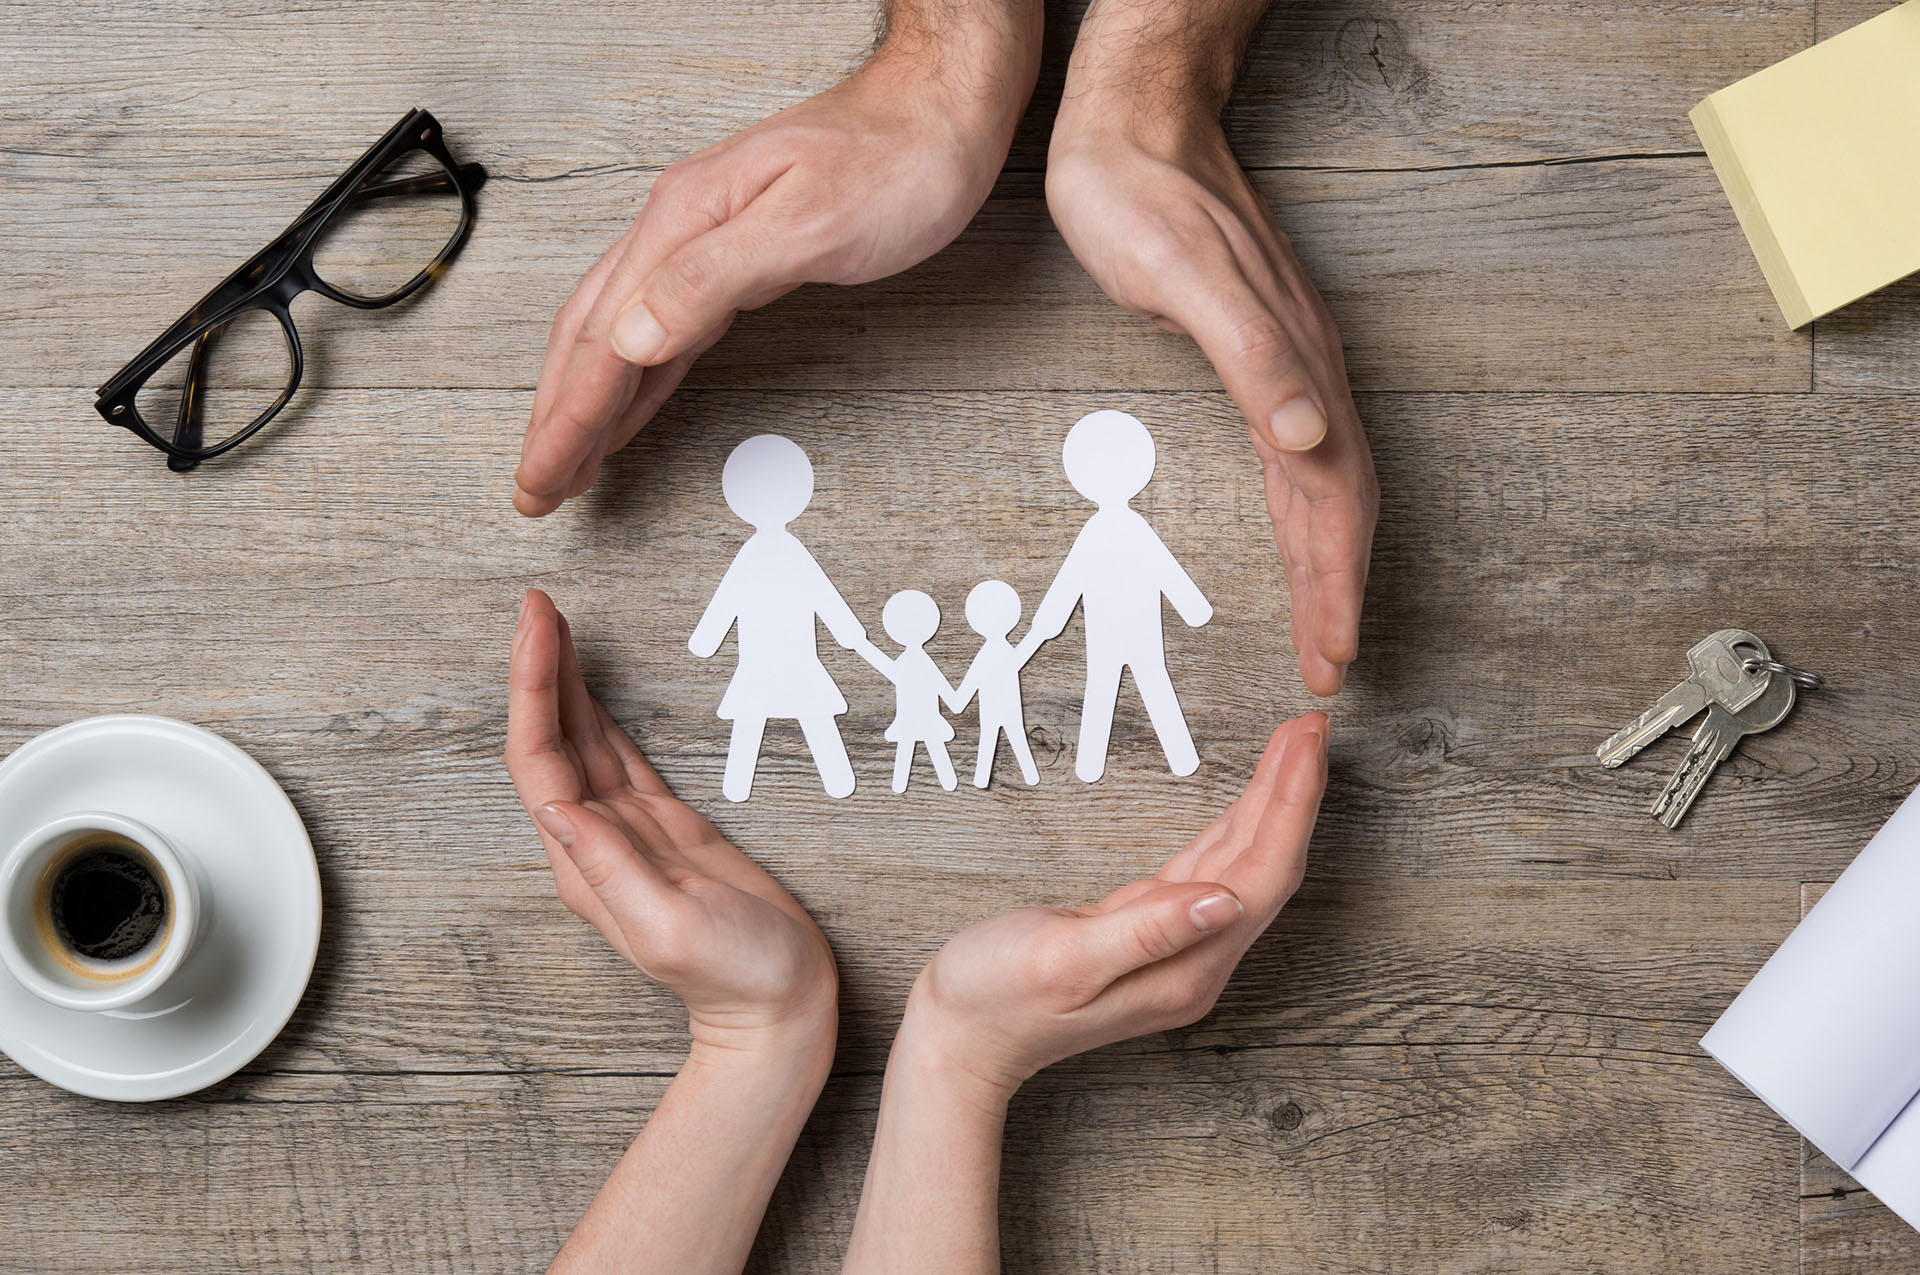 Comentarios, sugerencias hasta ataques, los padres de hoy son descalificados a través de las redes (iStock)